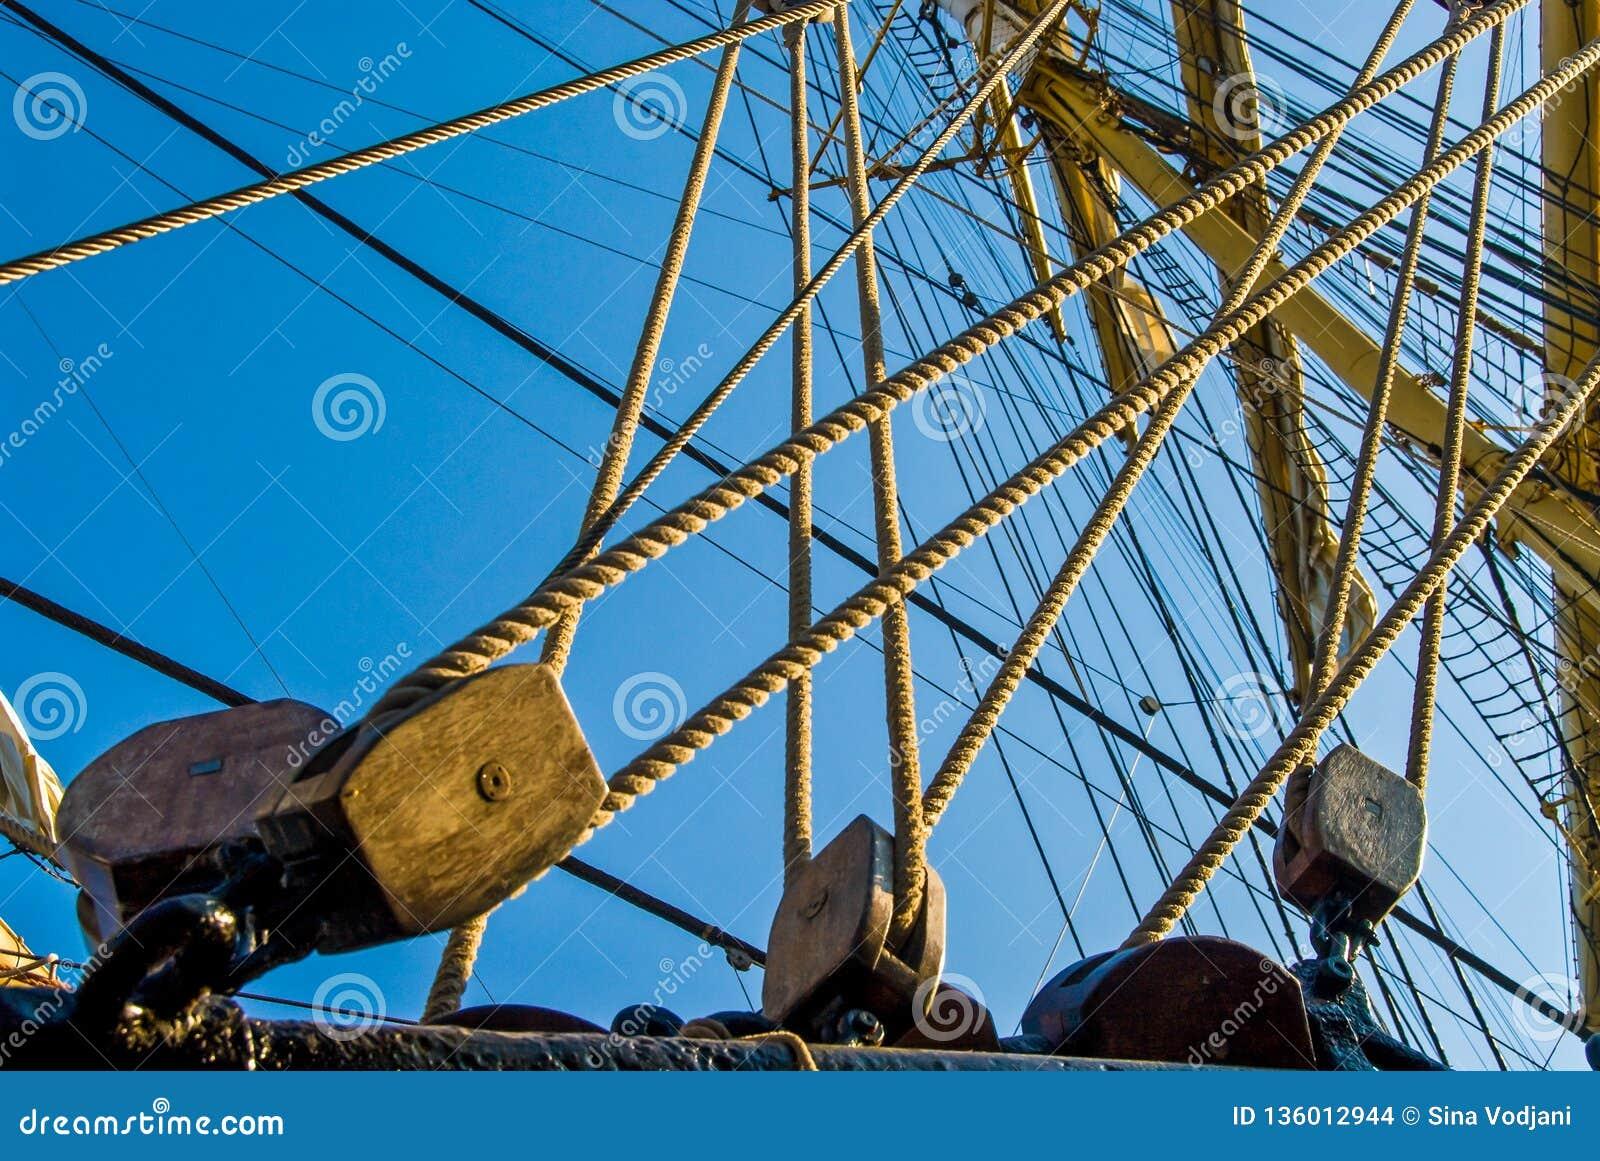 Σκάφος rigg και γραμμή λουριών